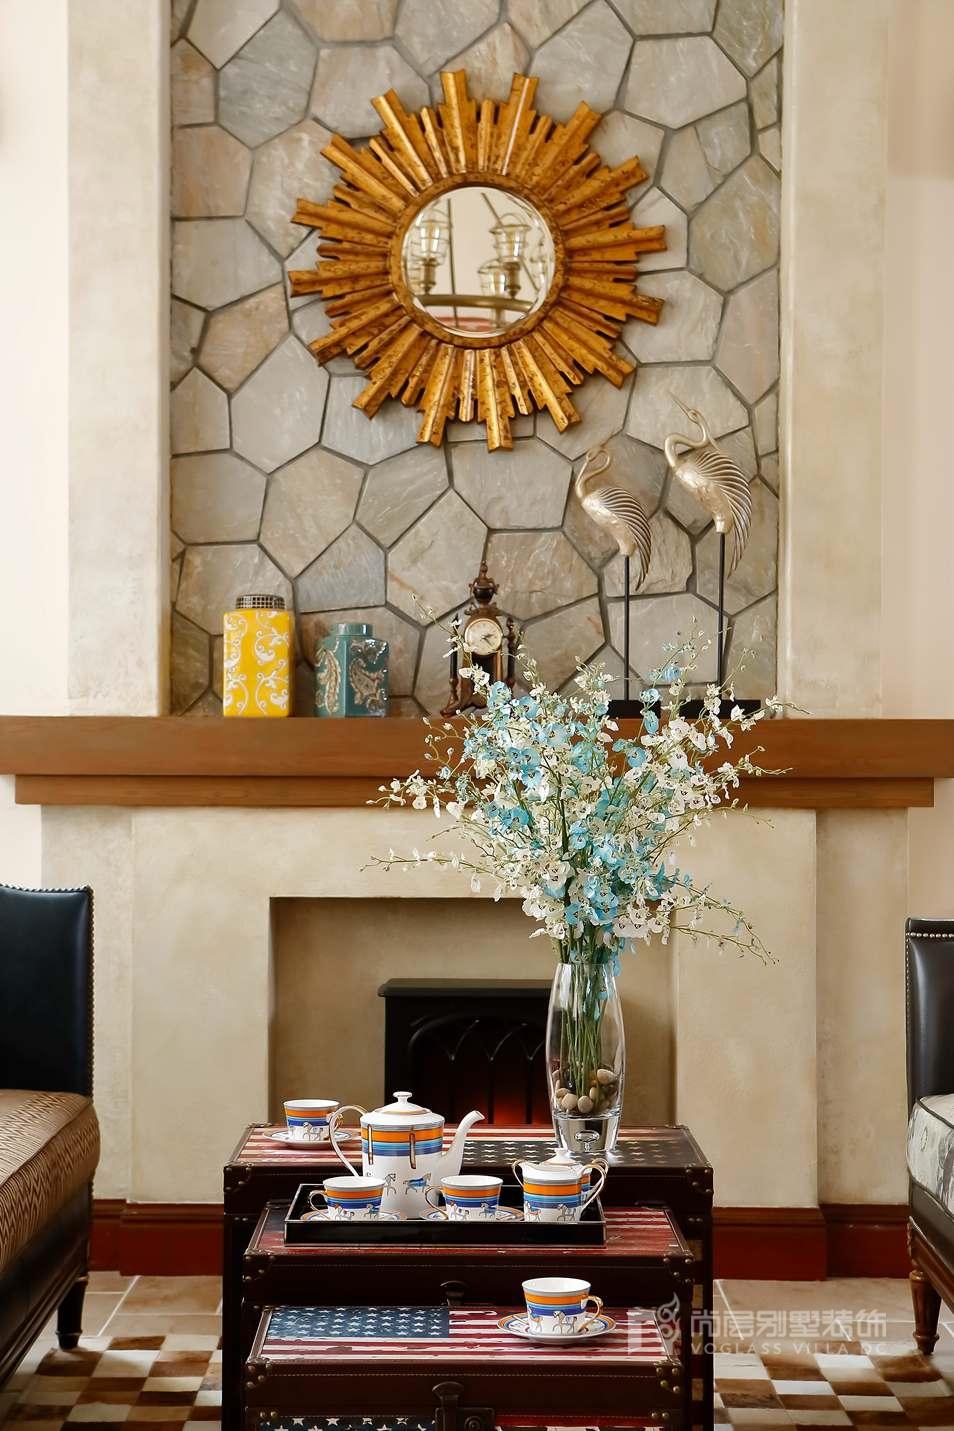 尚层室内软装配饰-客厅实景图